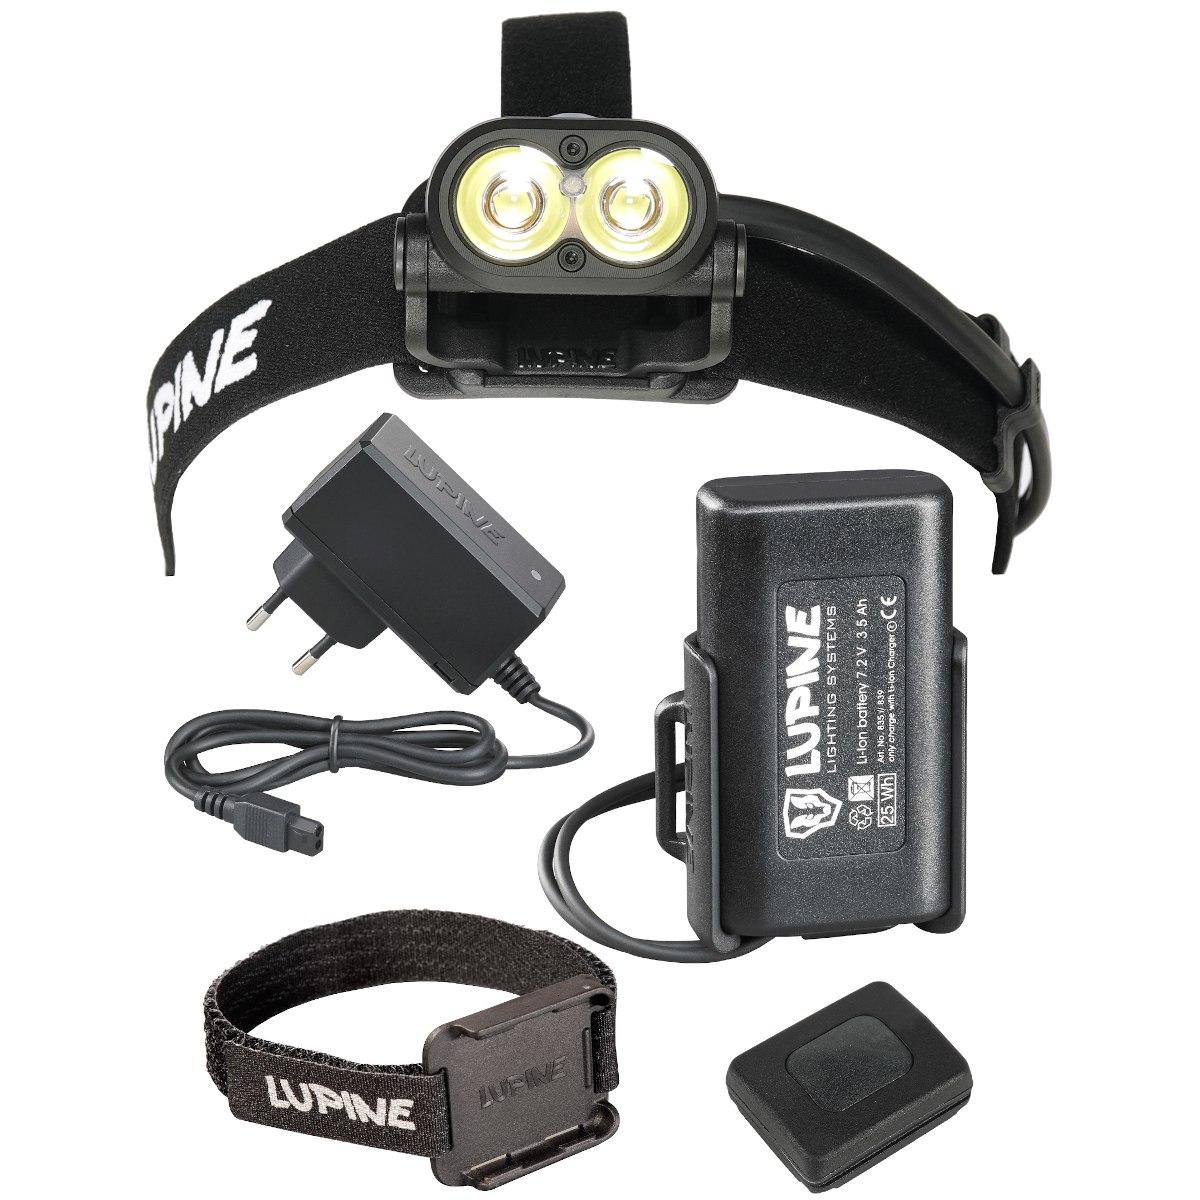 Produktbild von Lupine Piko RX 4 Stirnlampe - 1900 lm - schwarz